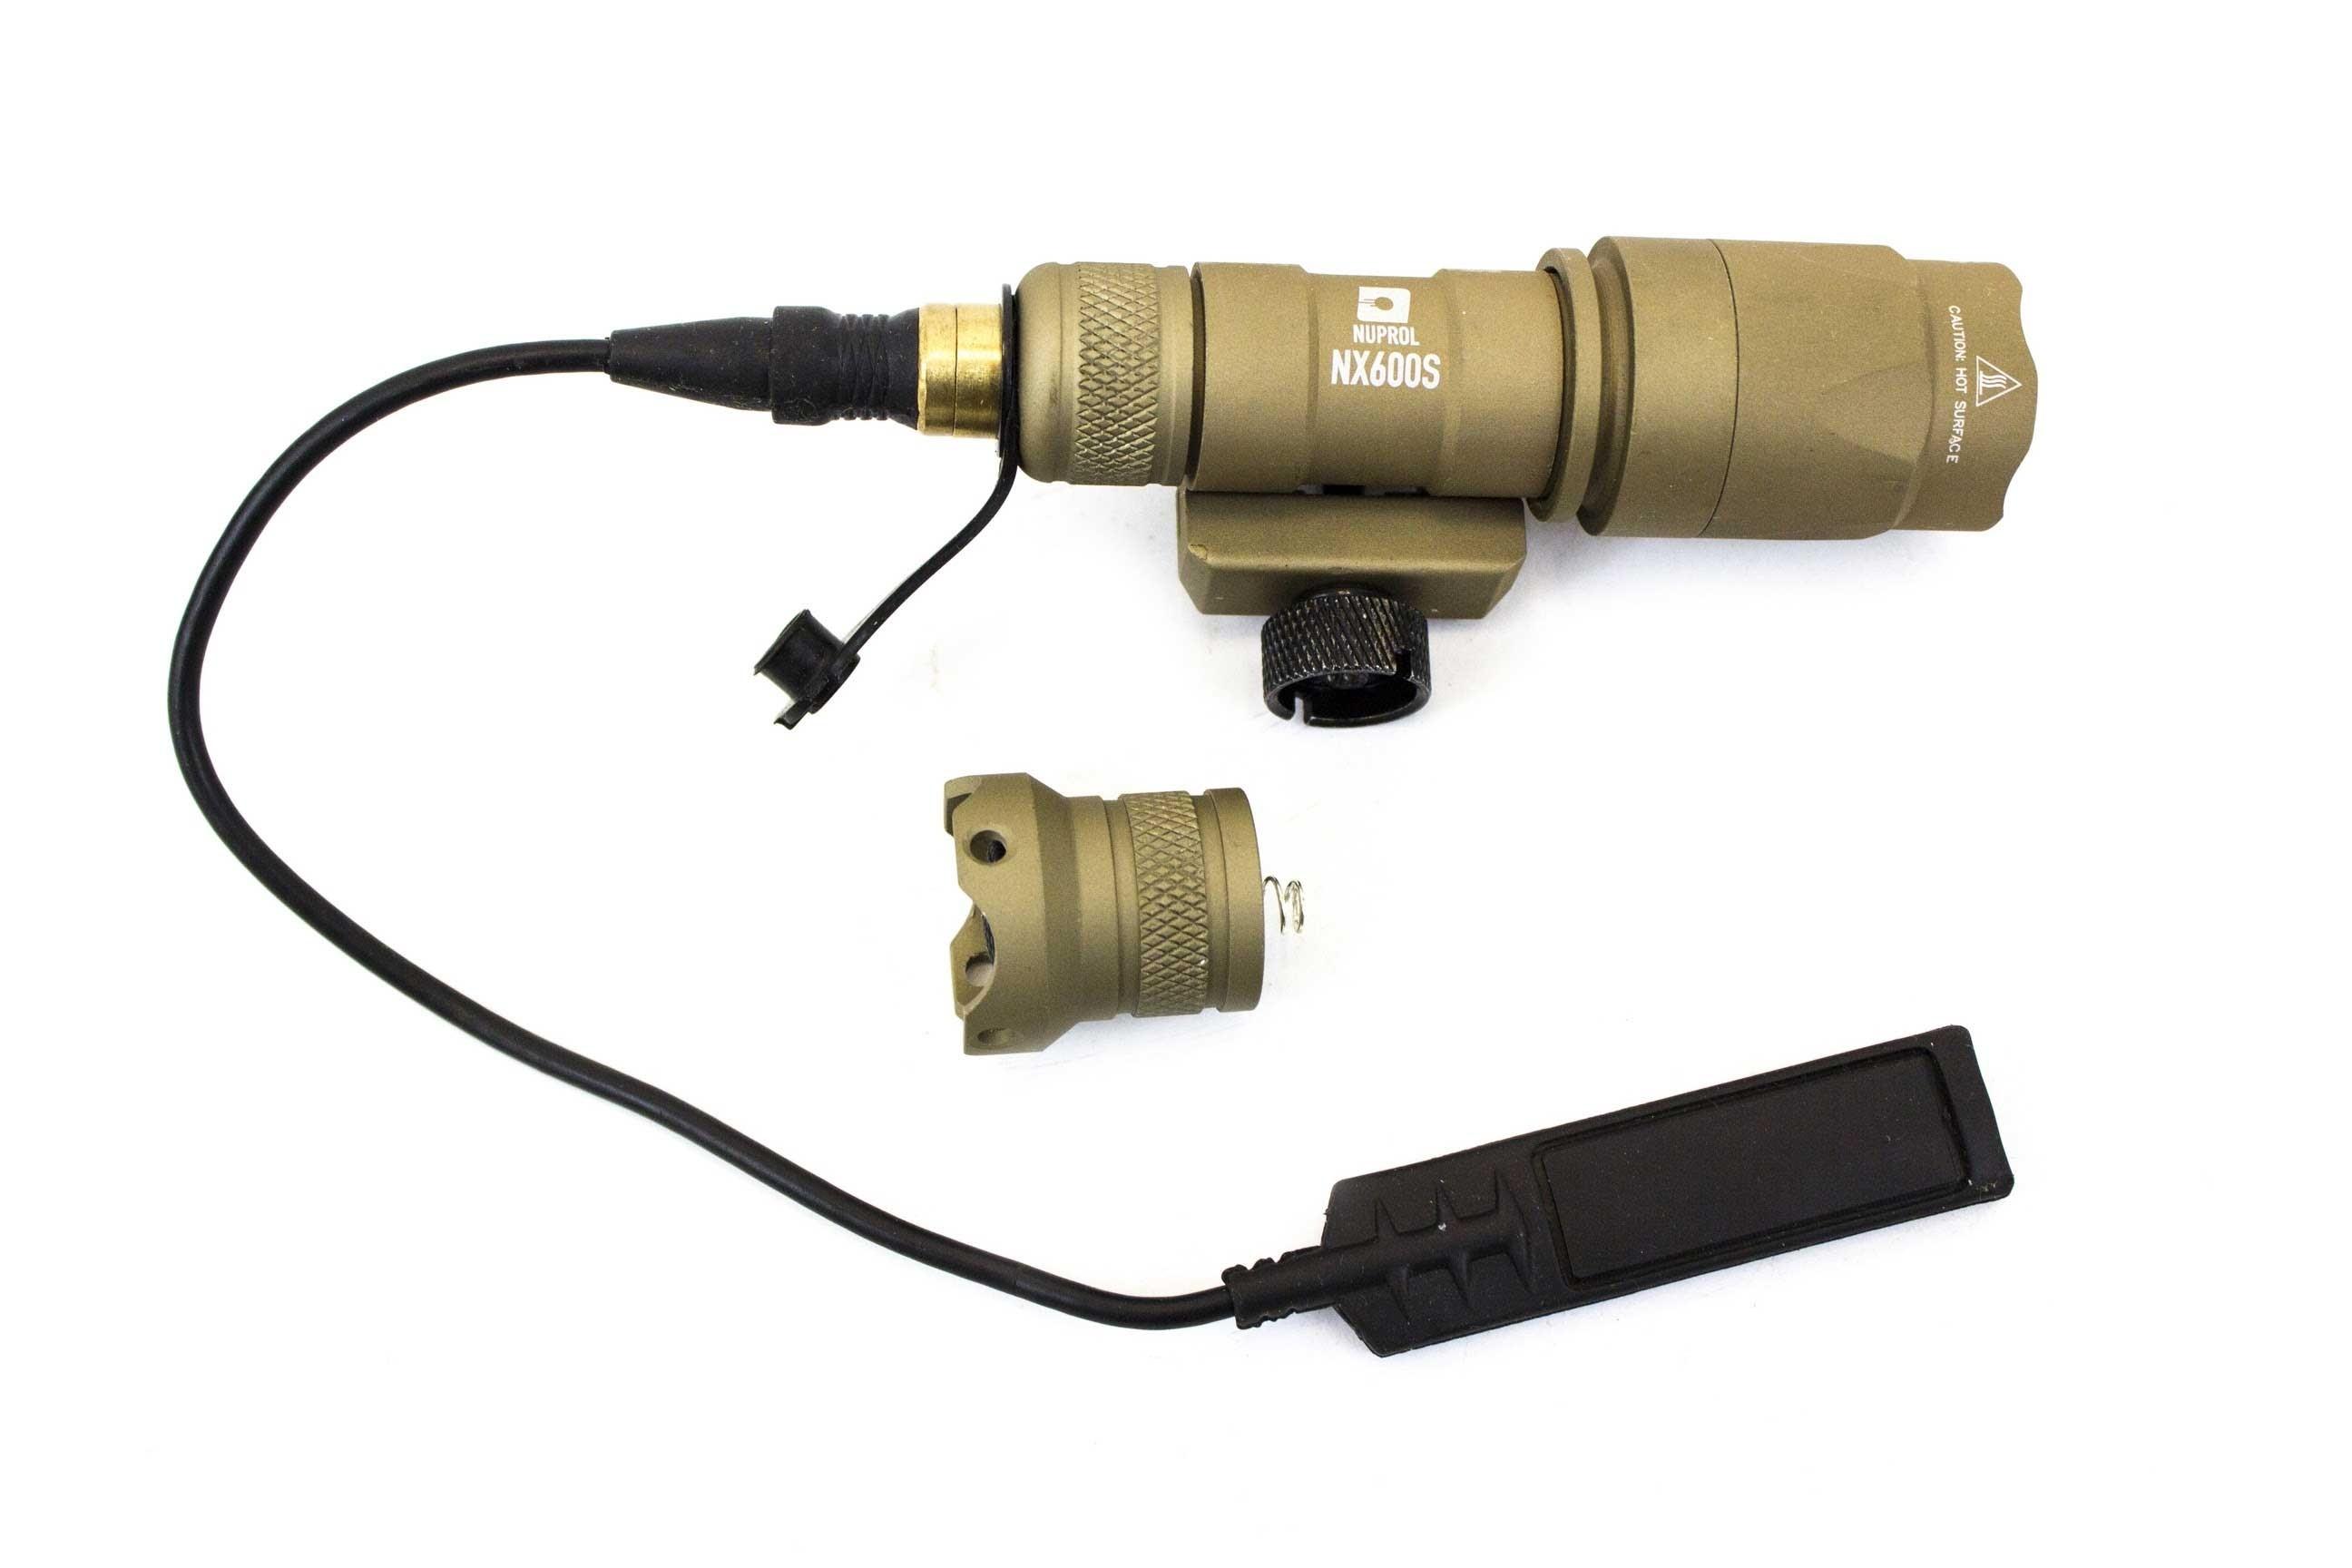 Nuprol Torch NX600S - Tan